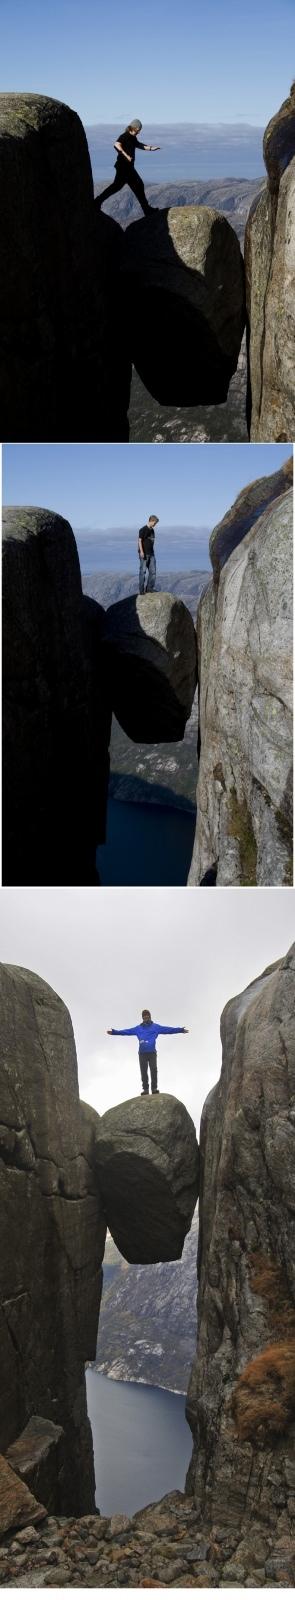 Yükseklik korkusu olanlar bakmasın! galerisi resim 15